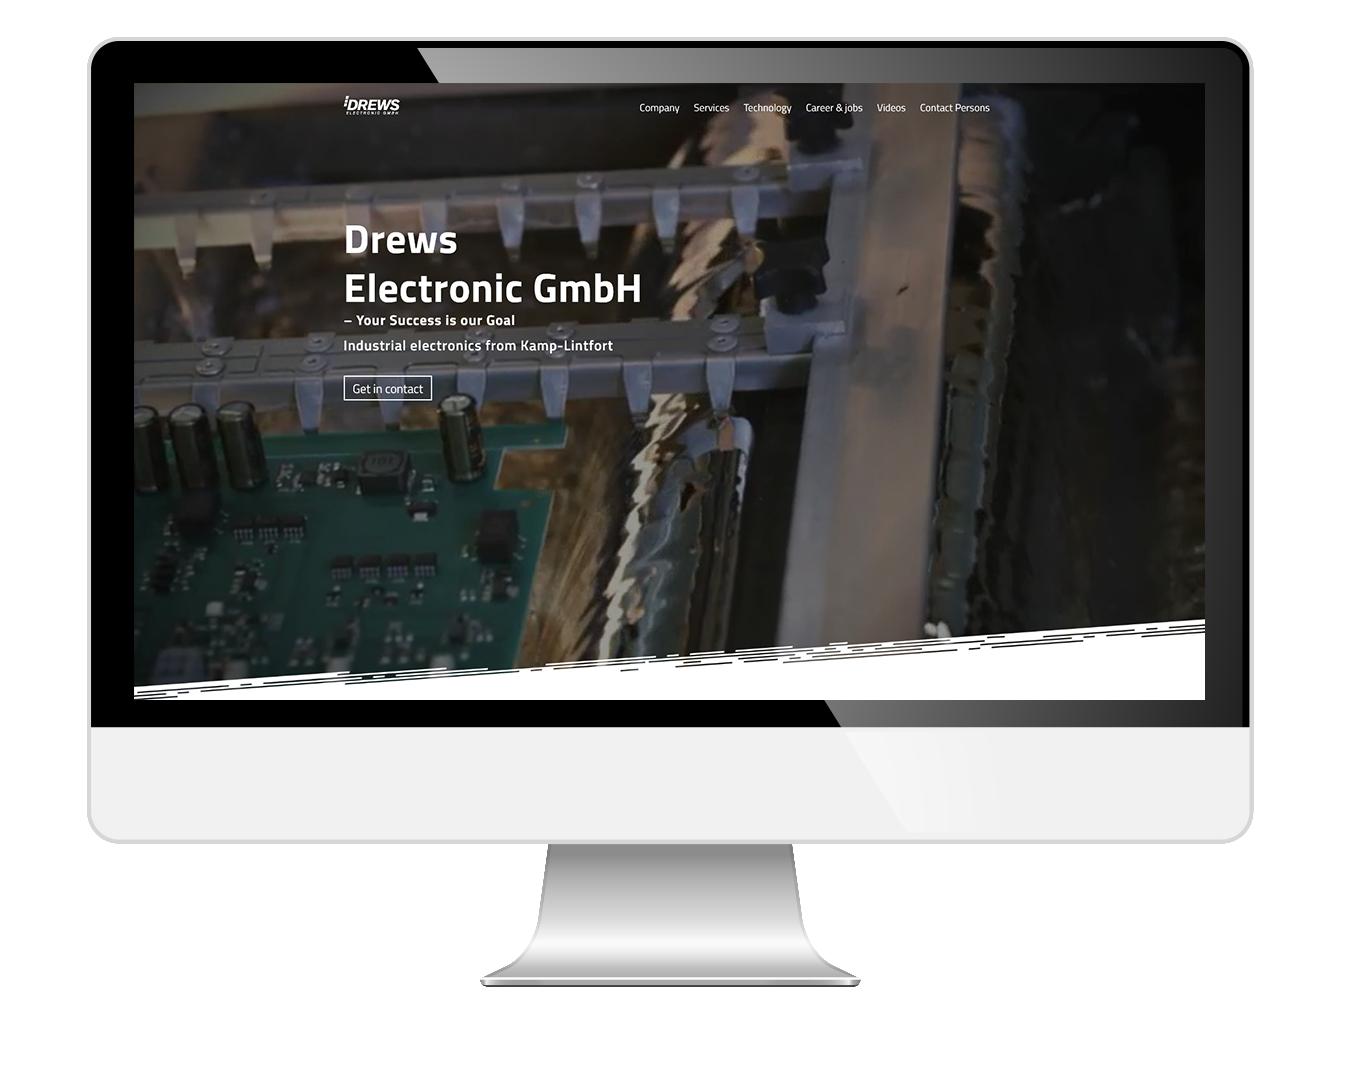 drewsdesktop